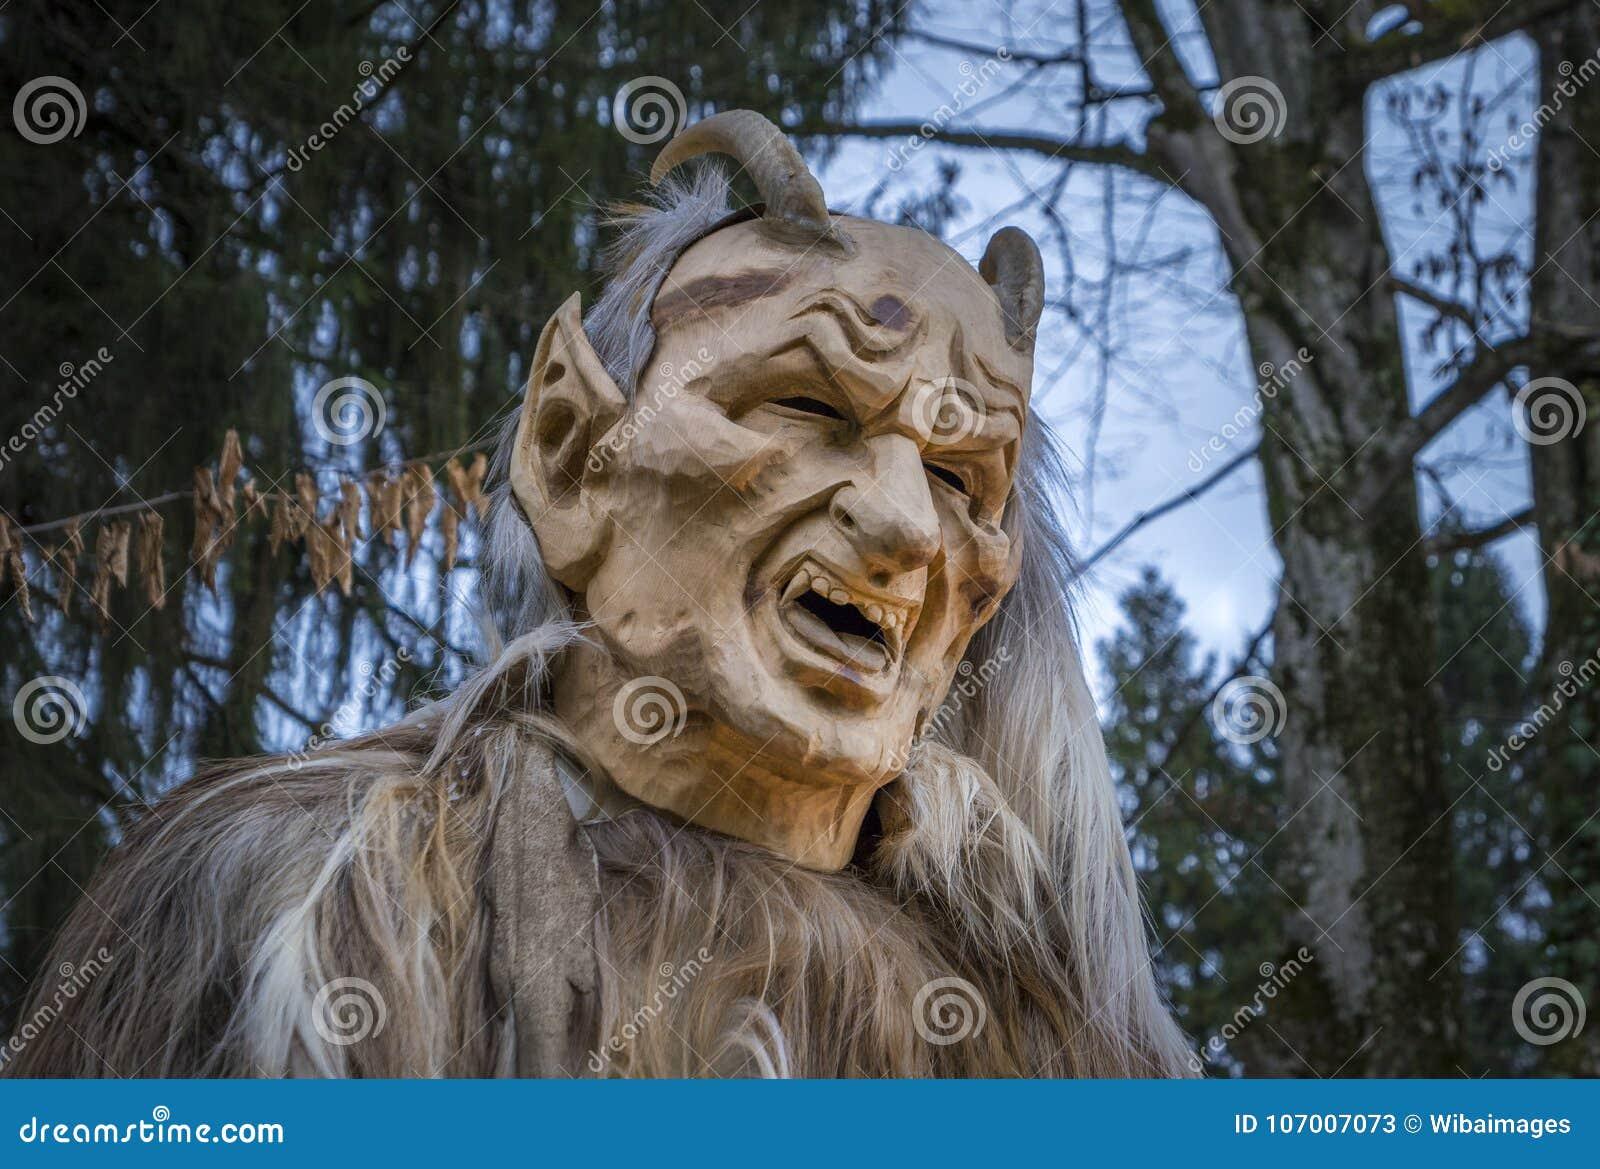 Krampus Or Devil Mask Salzburg Austria Stock Image Image Of